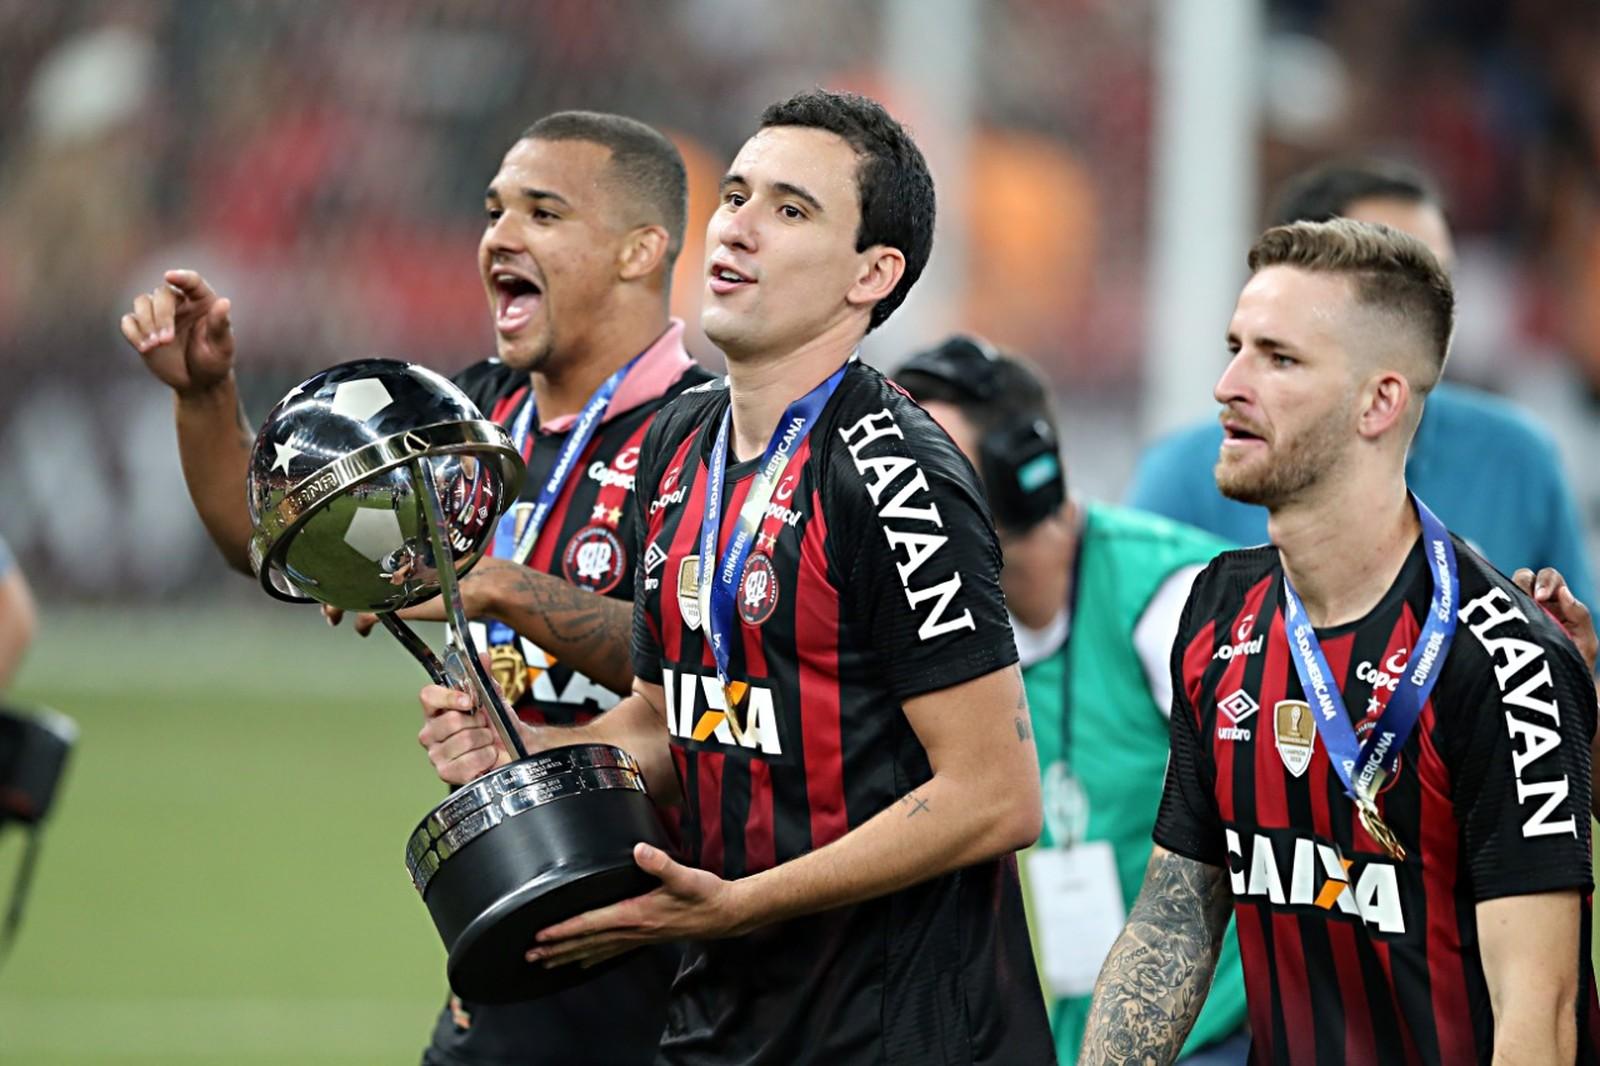 Da estratégia ao sufoco, Atlético-PR se molda ao jogo para ser campeão da Sul-Americana